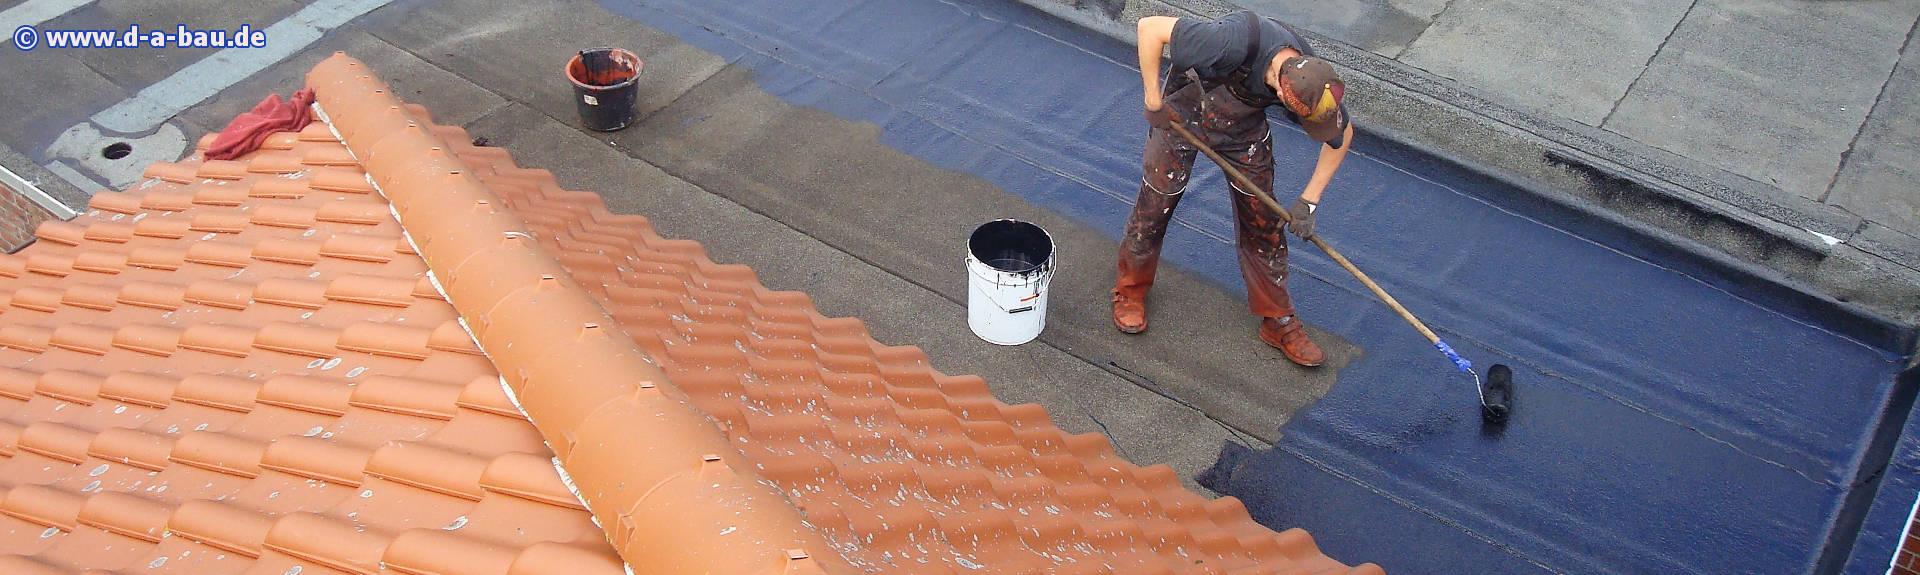 Flachdach beschichten, sanieren, wasserdicht und wetterfest ...